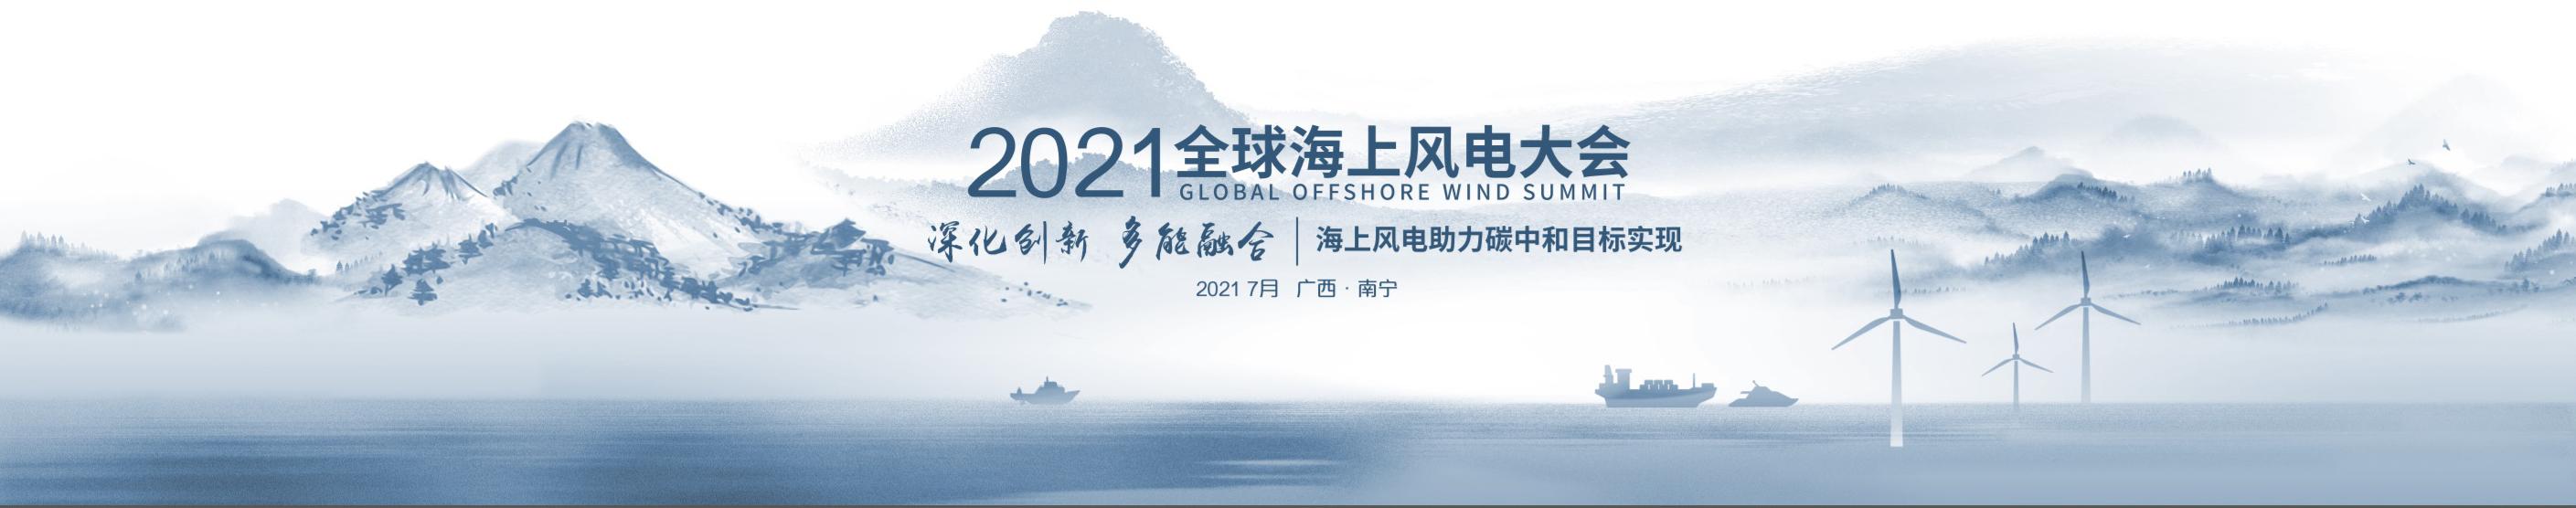 全球最大海上风电大会就在下周三,广西南宁